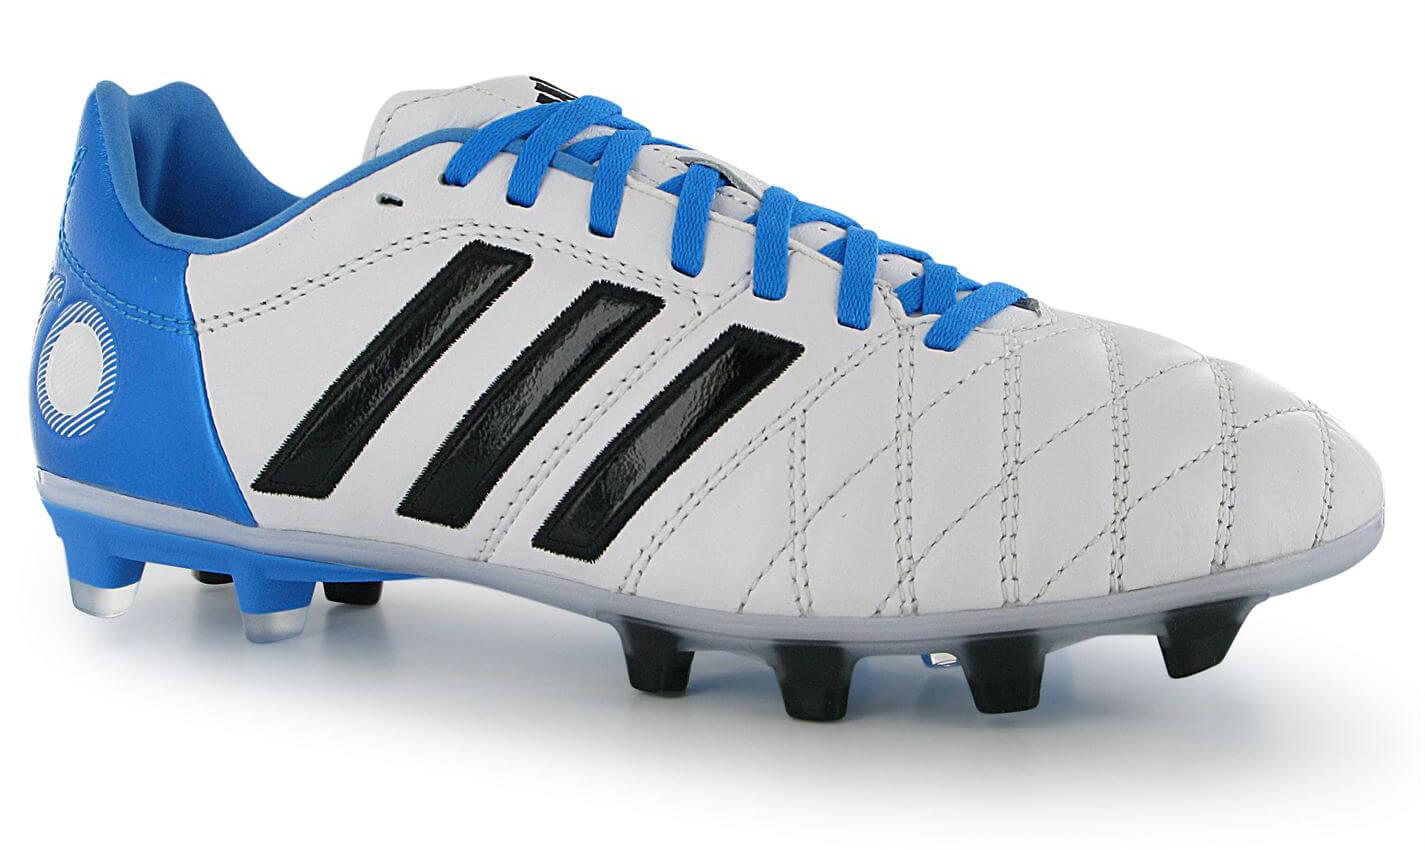 199882a3066 The World Cup Boot Battle  Day 10 - Football Boots Guru